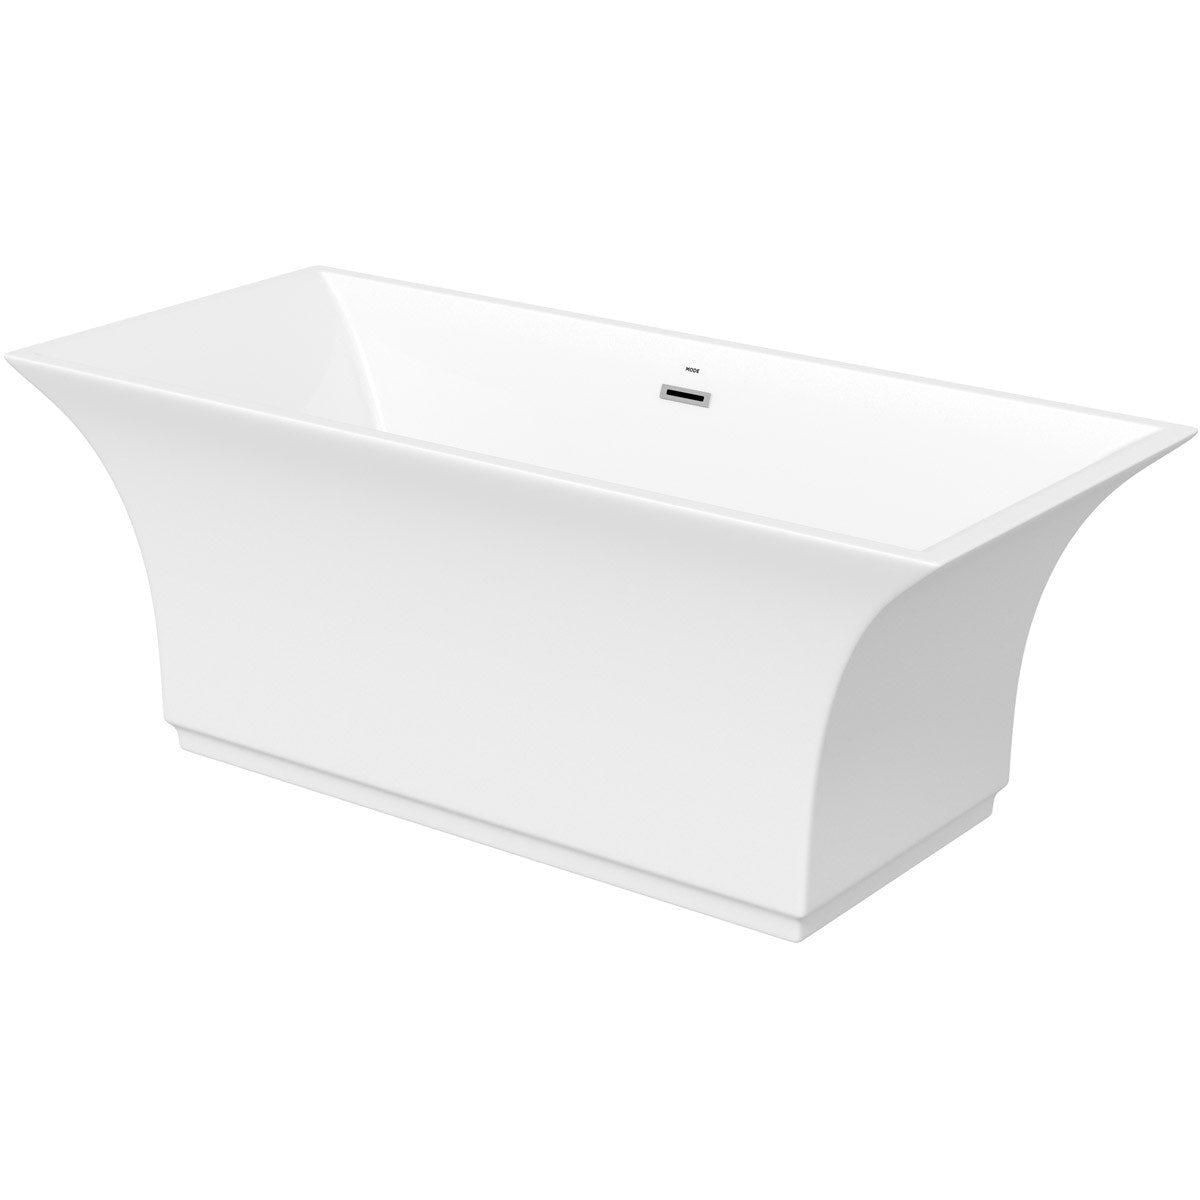 ModeAustinfreestanding bath 1700 x 750 offer pack